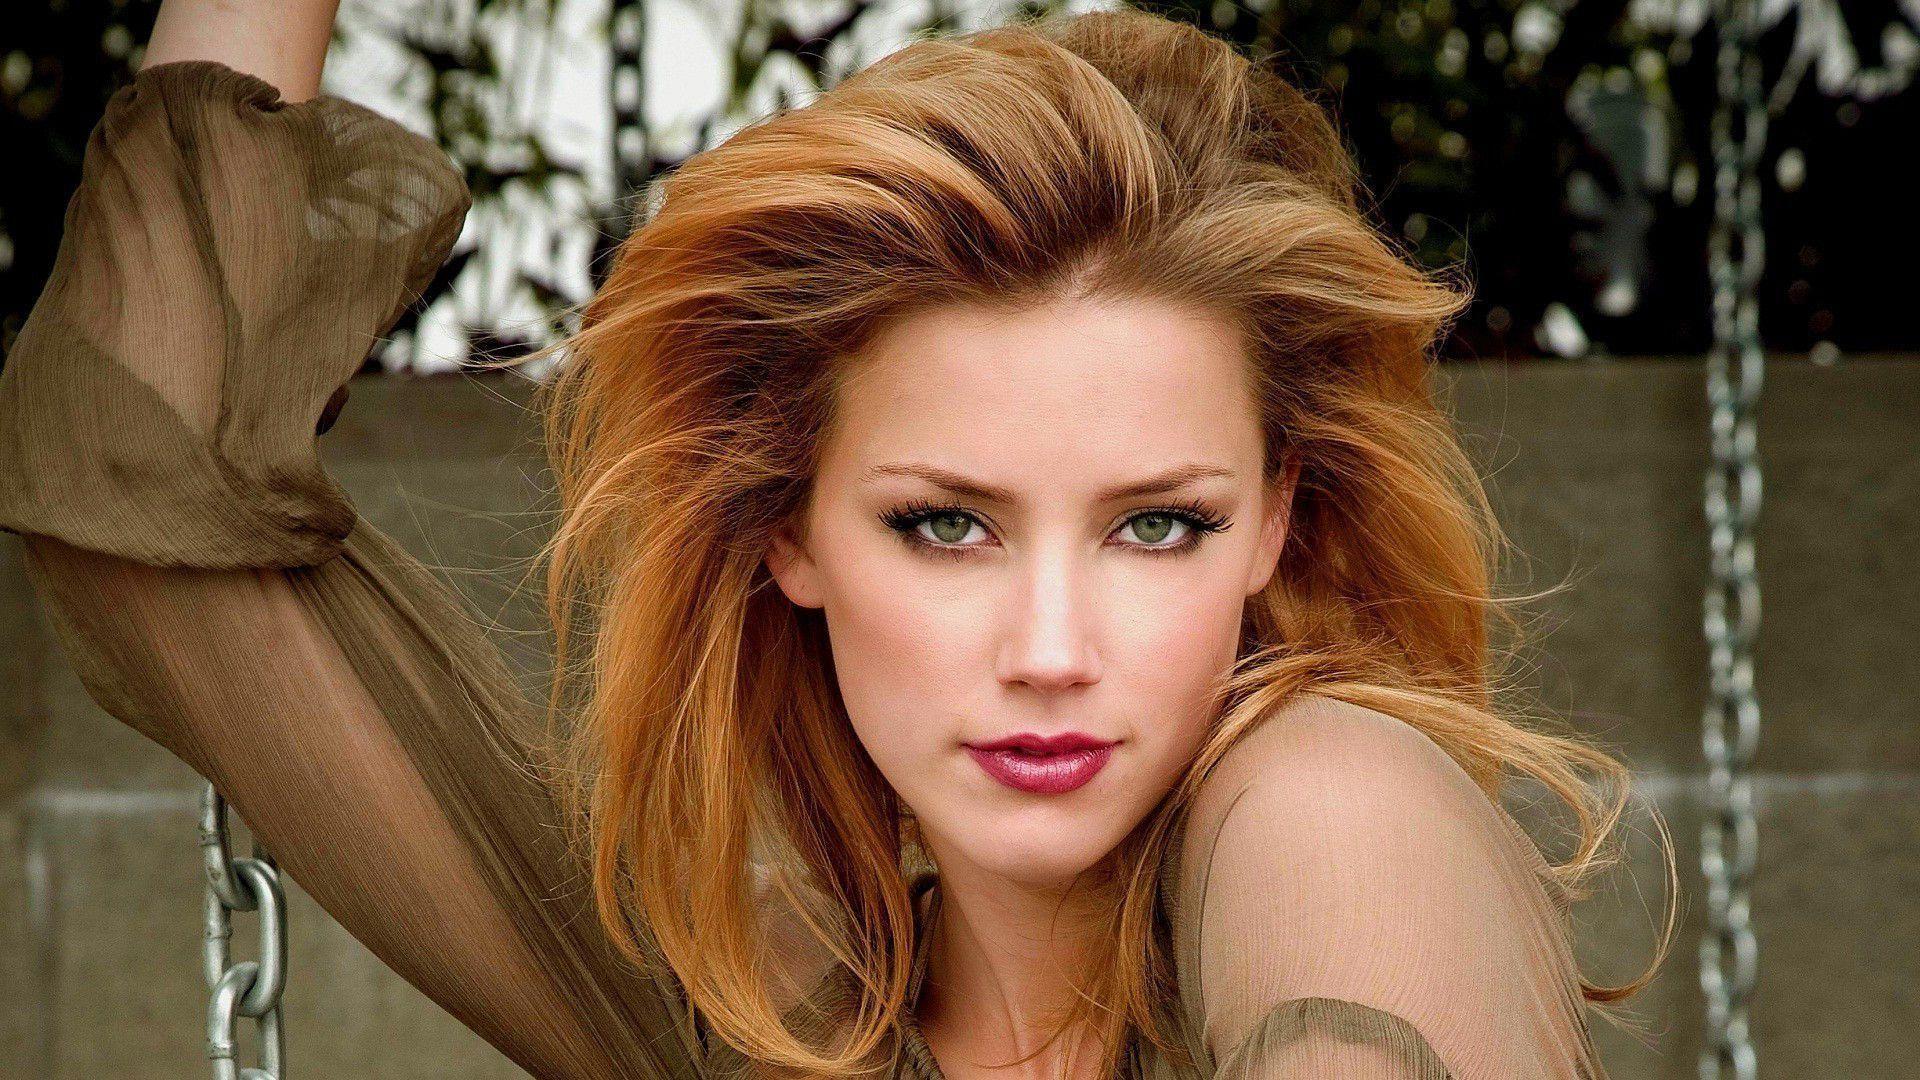 Amber Heard Wallpapers Hot Wallpaper 1190917 Schonheit Coole Frisuren Schone Frauen